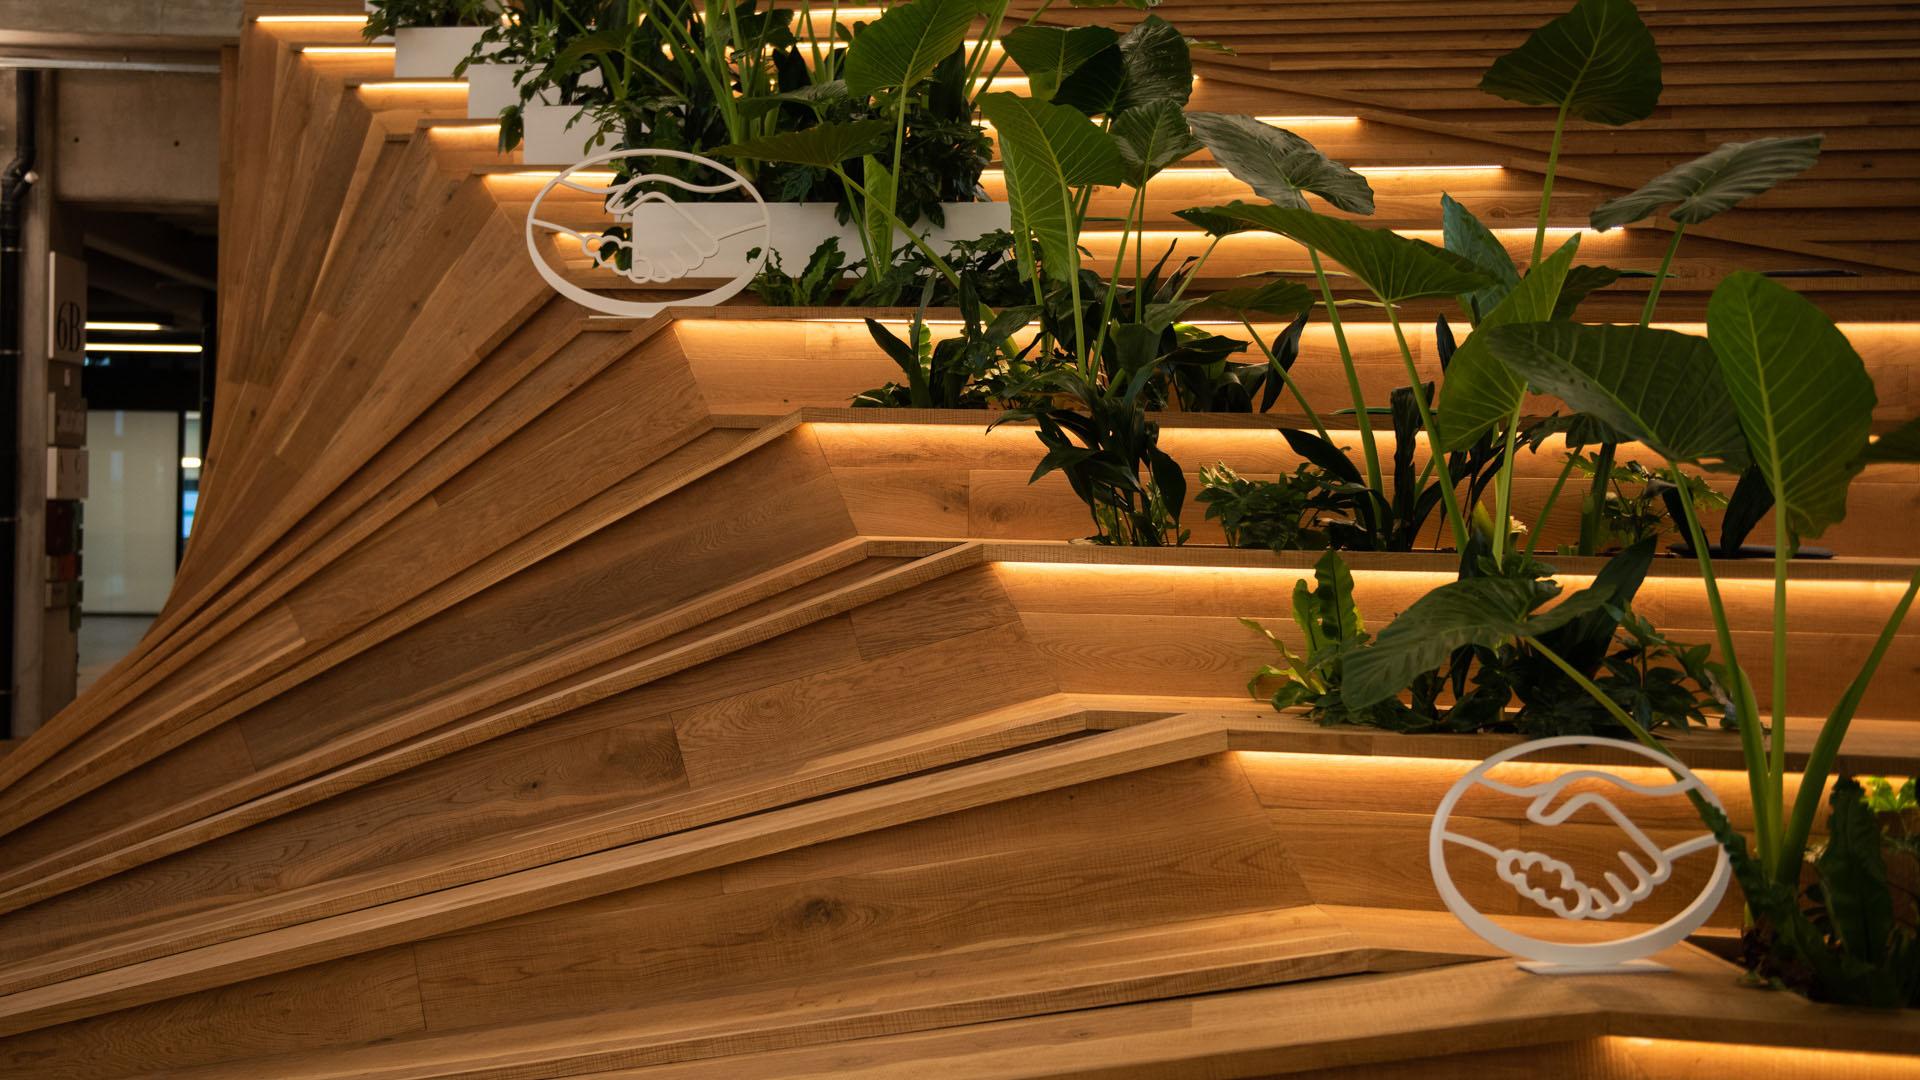 La madera, uno de los materiales nobles elegidos para la total renovación del edificio, que se encontraba abandonado